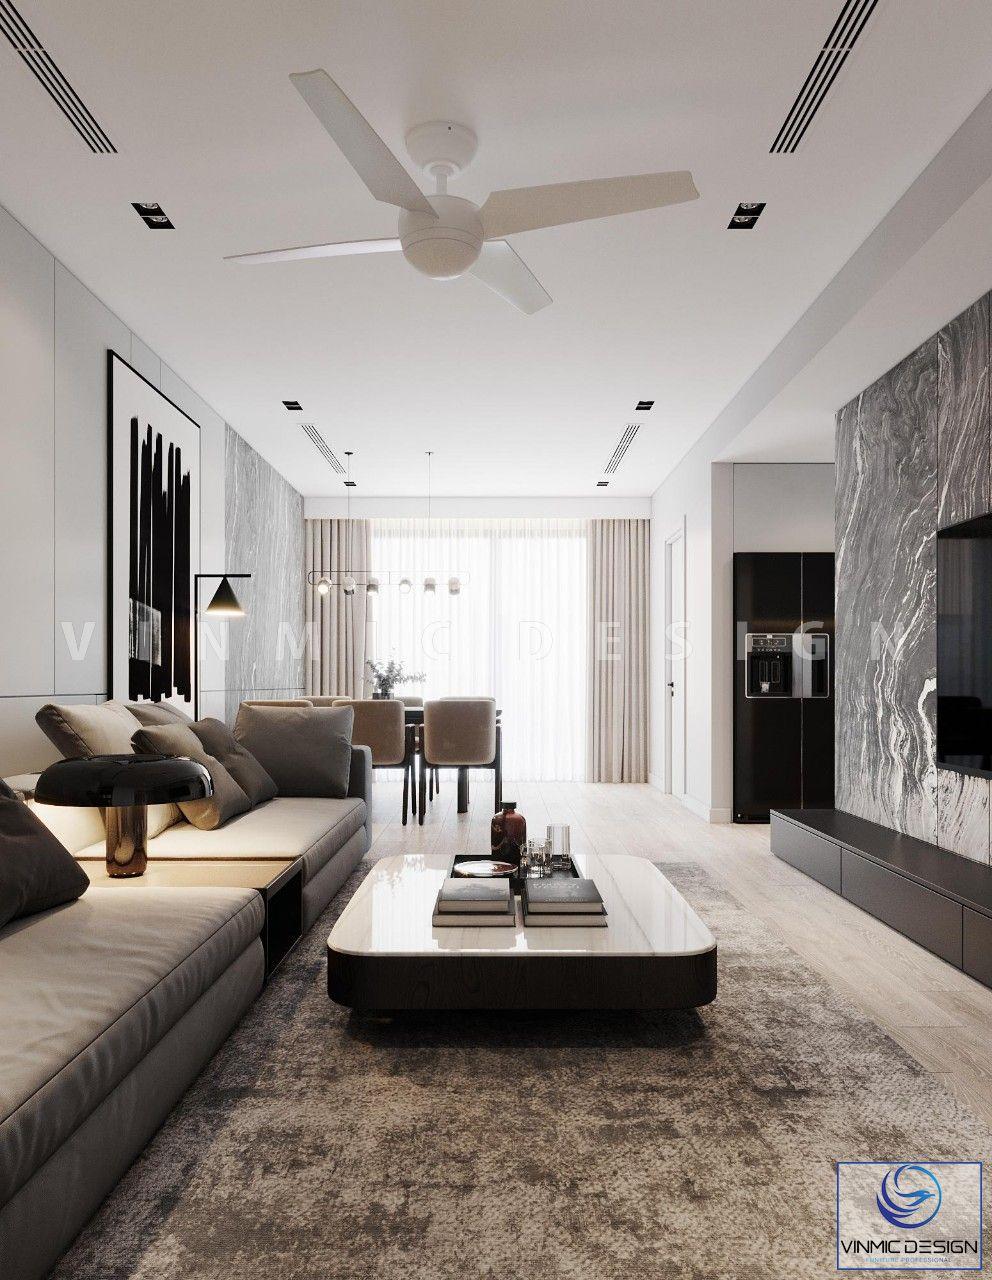 Không gian Phòng khách chung cư hiện đại, thoáng mát